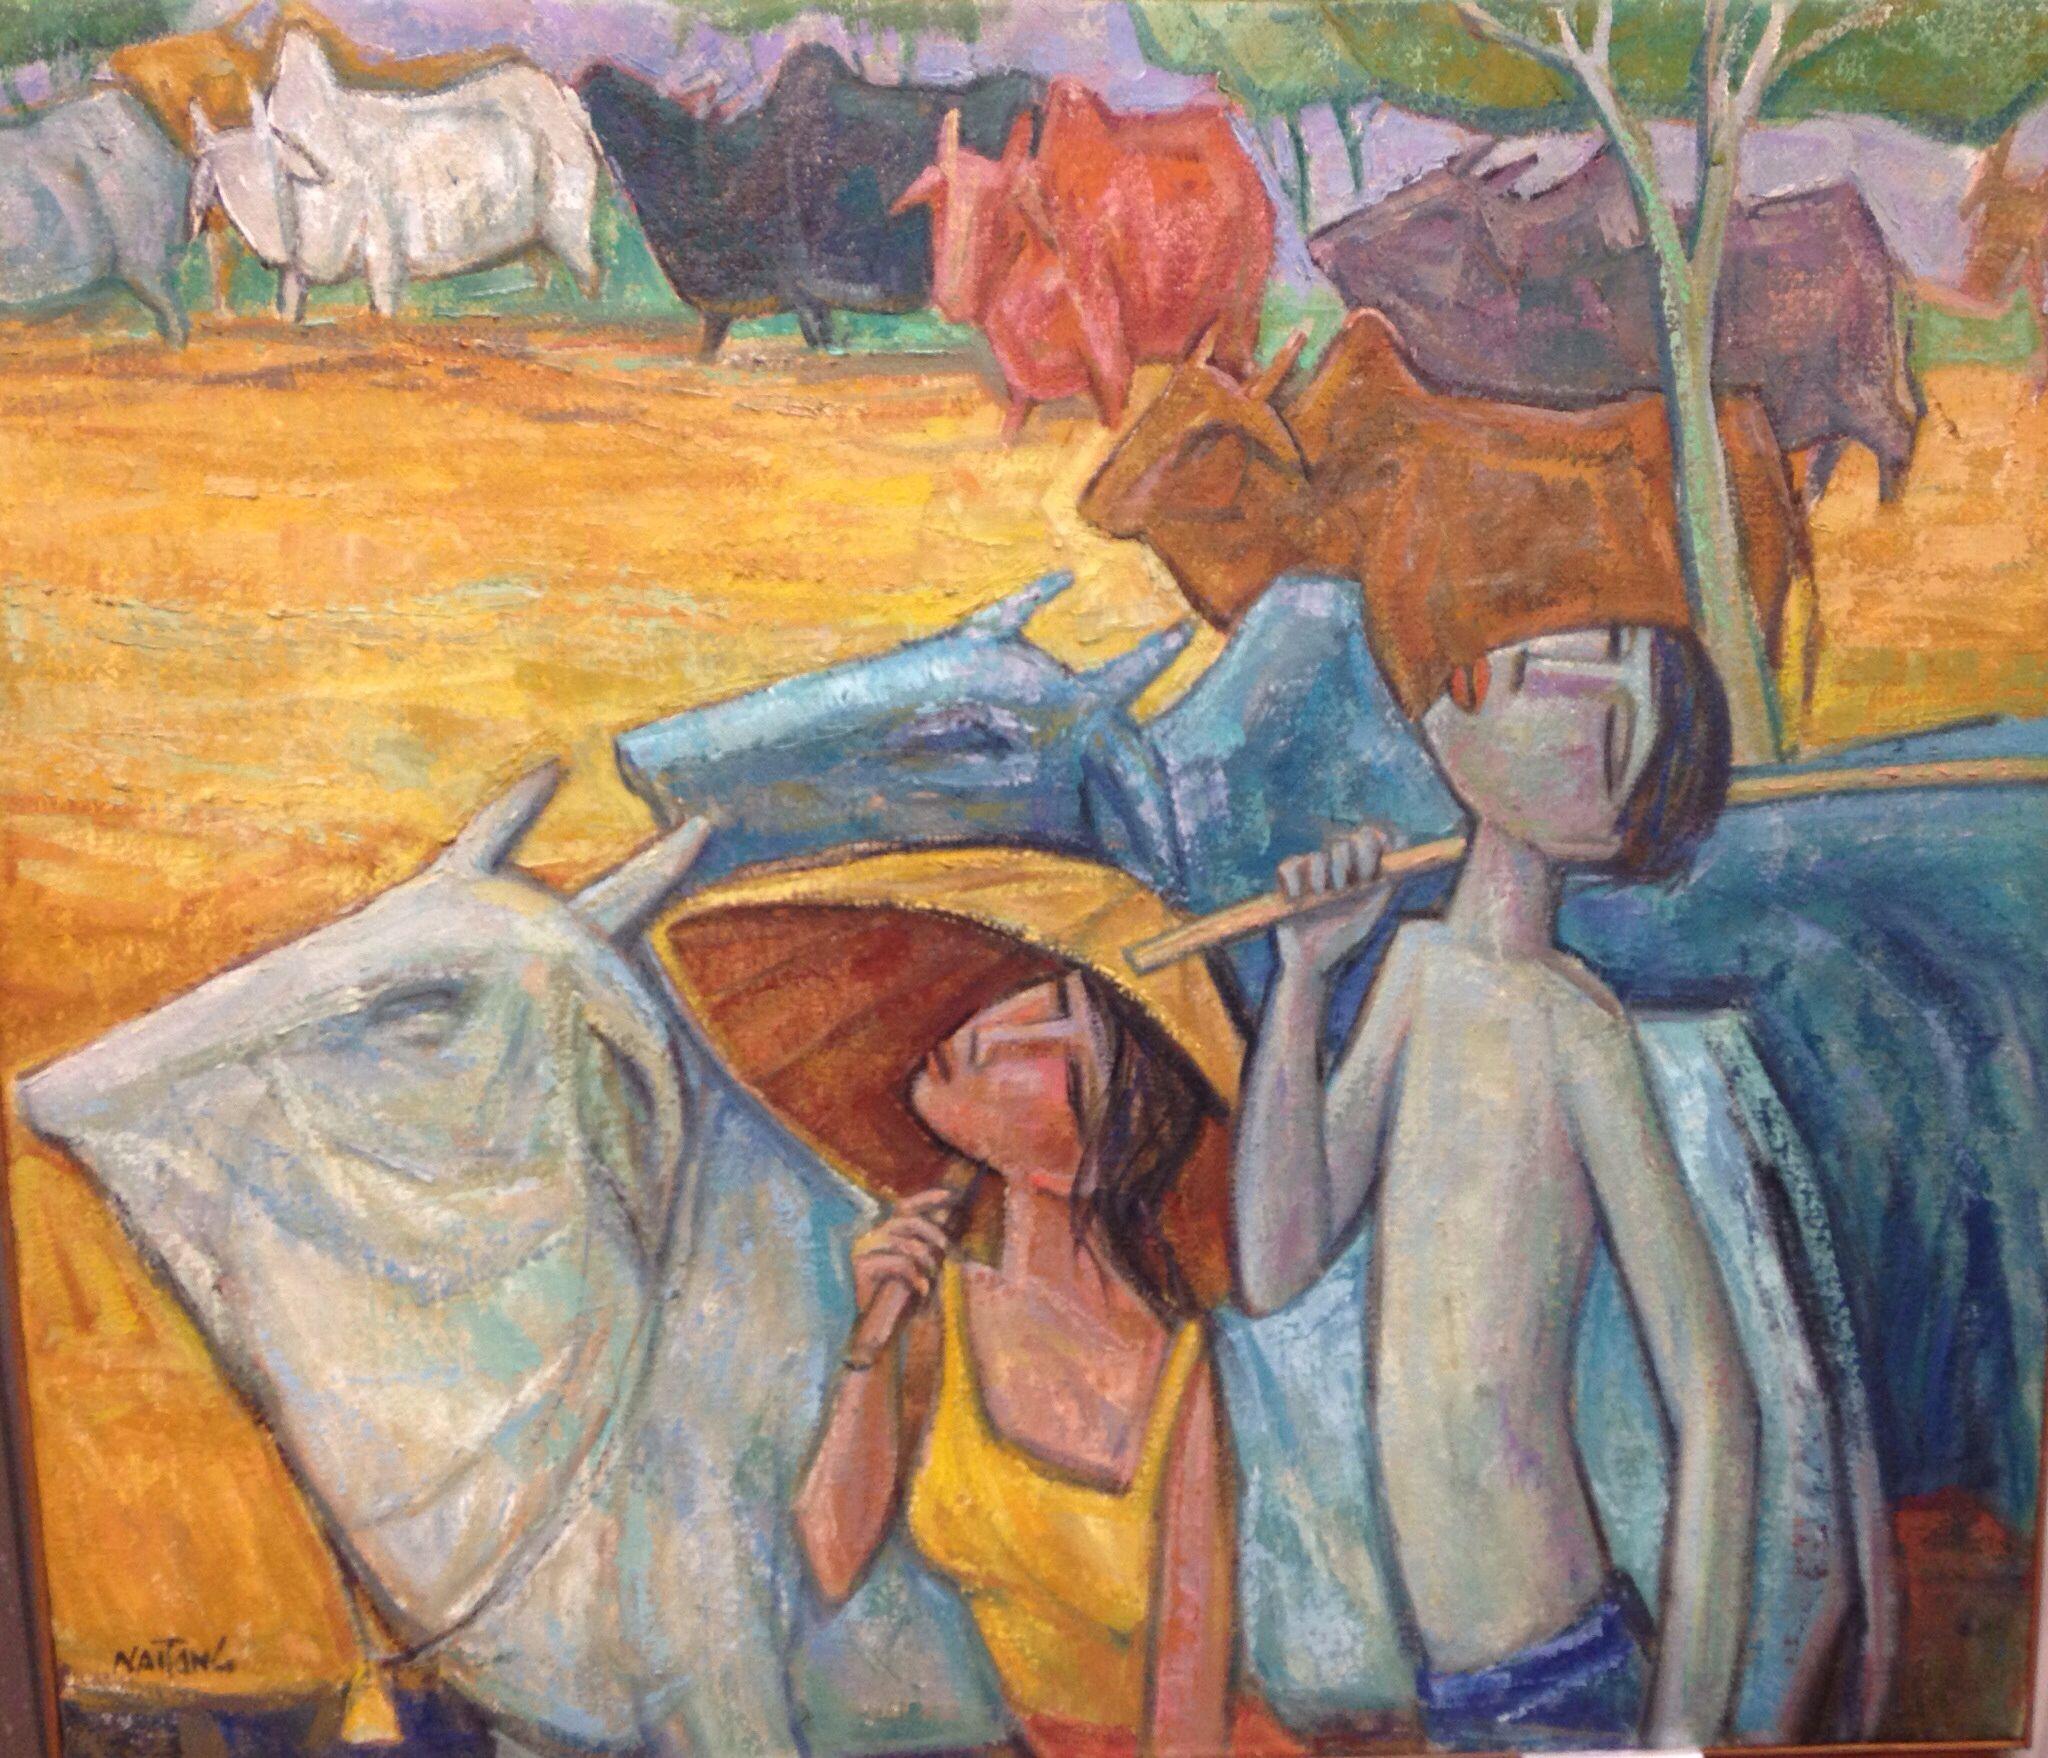 Tew Nai Tong Art Painting